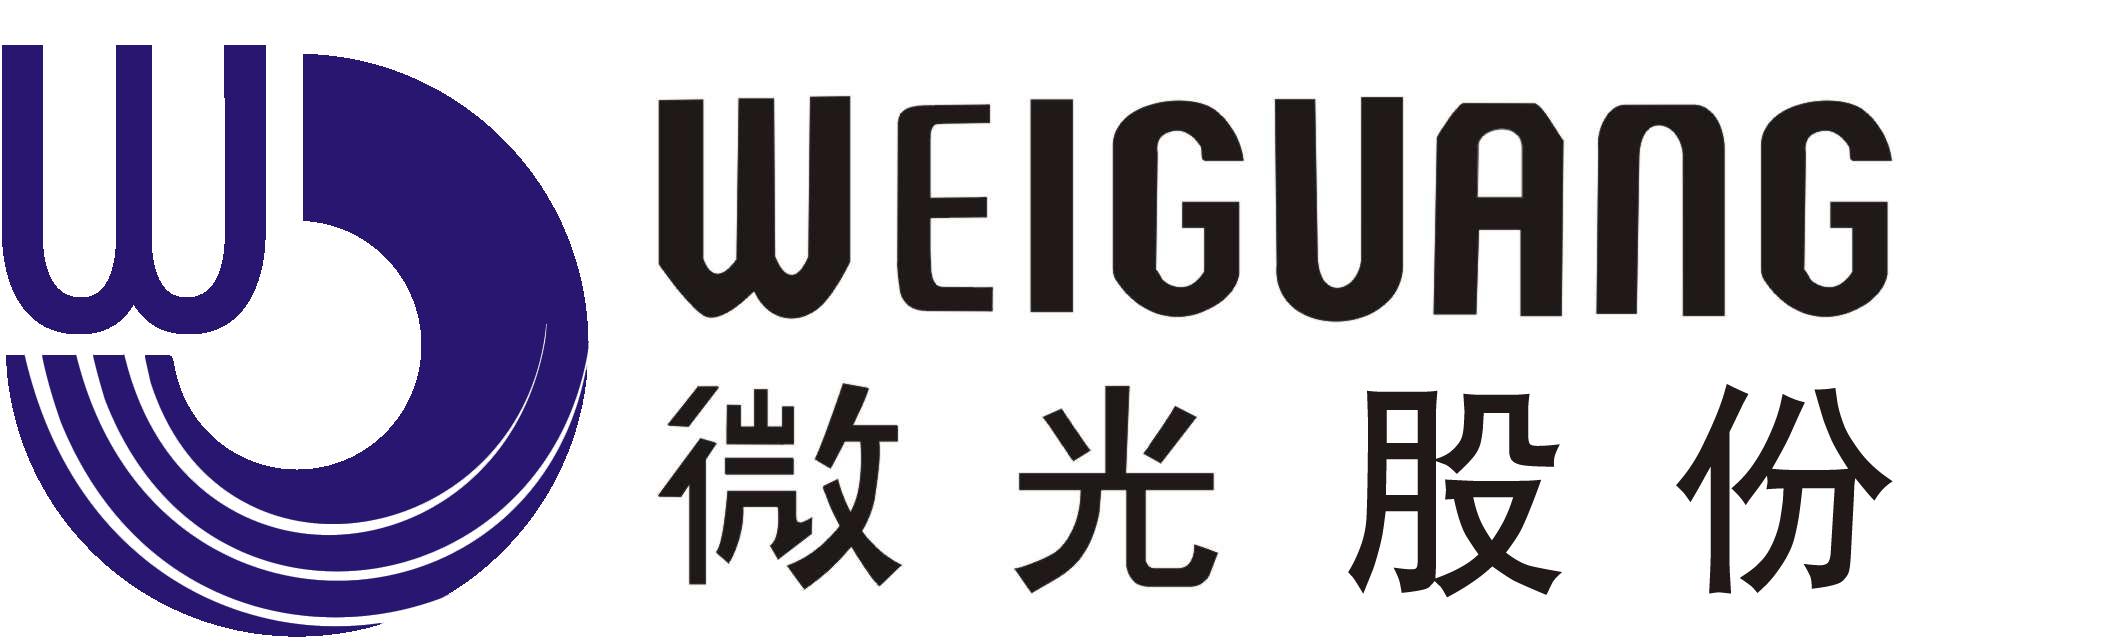 杭州微光電子股份有限公司